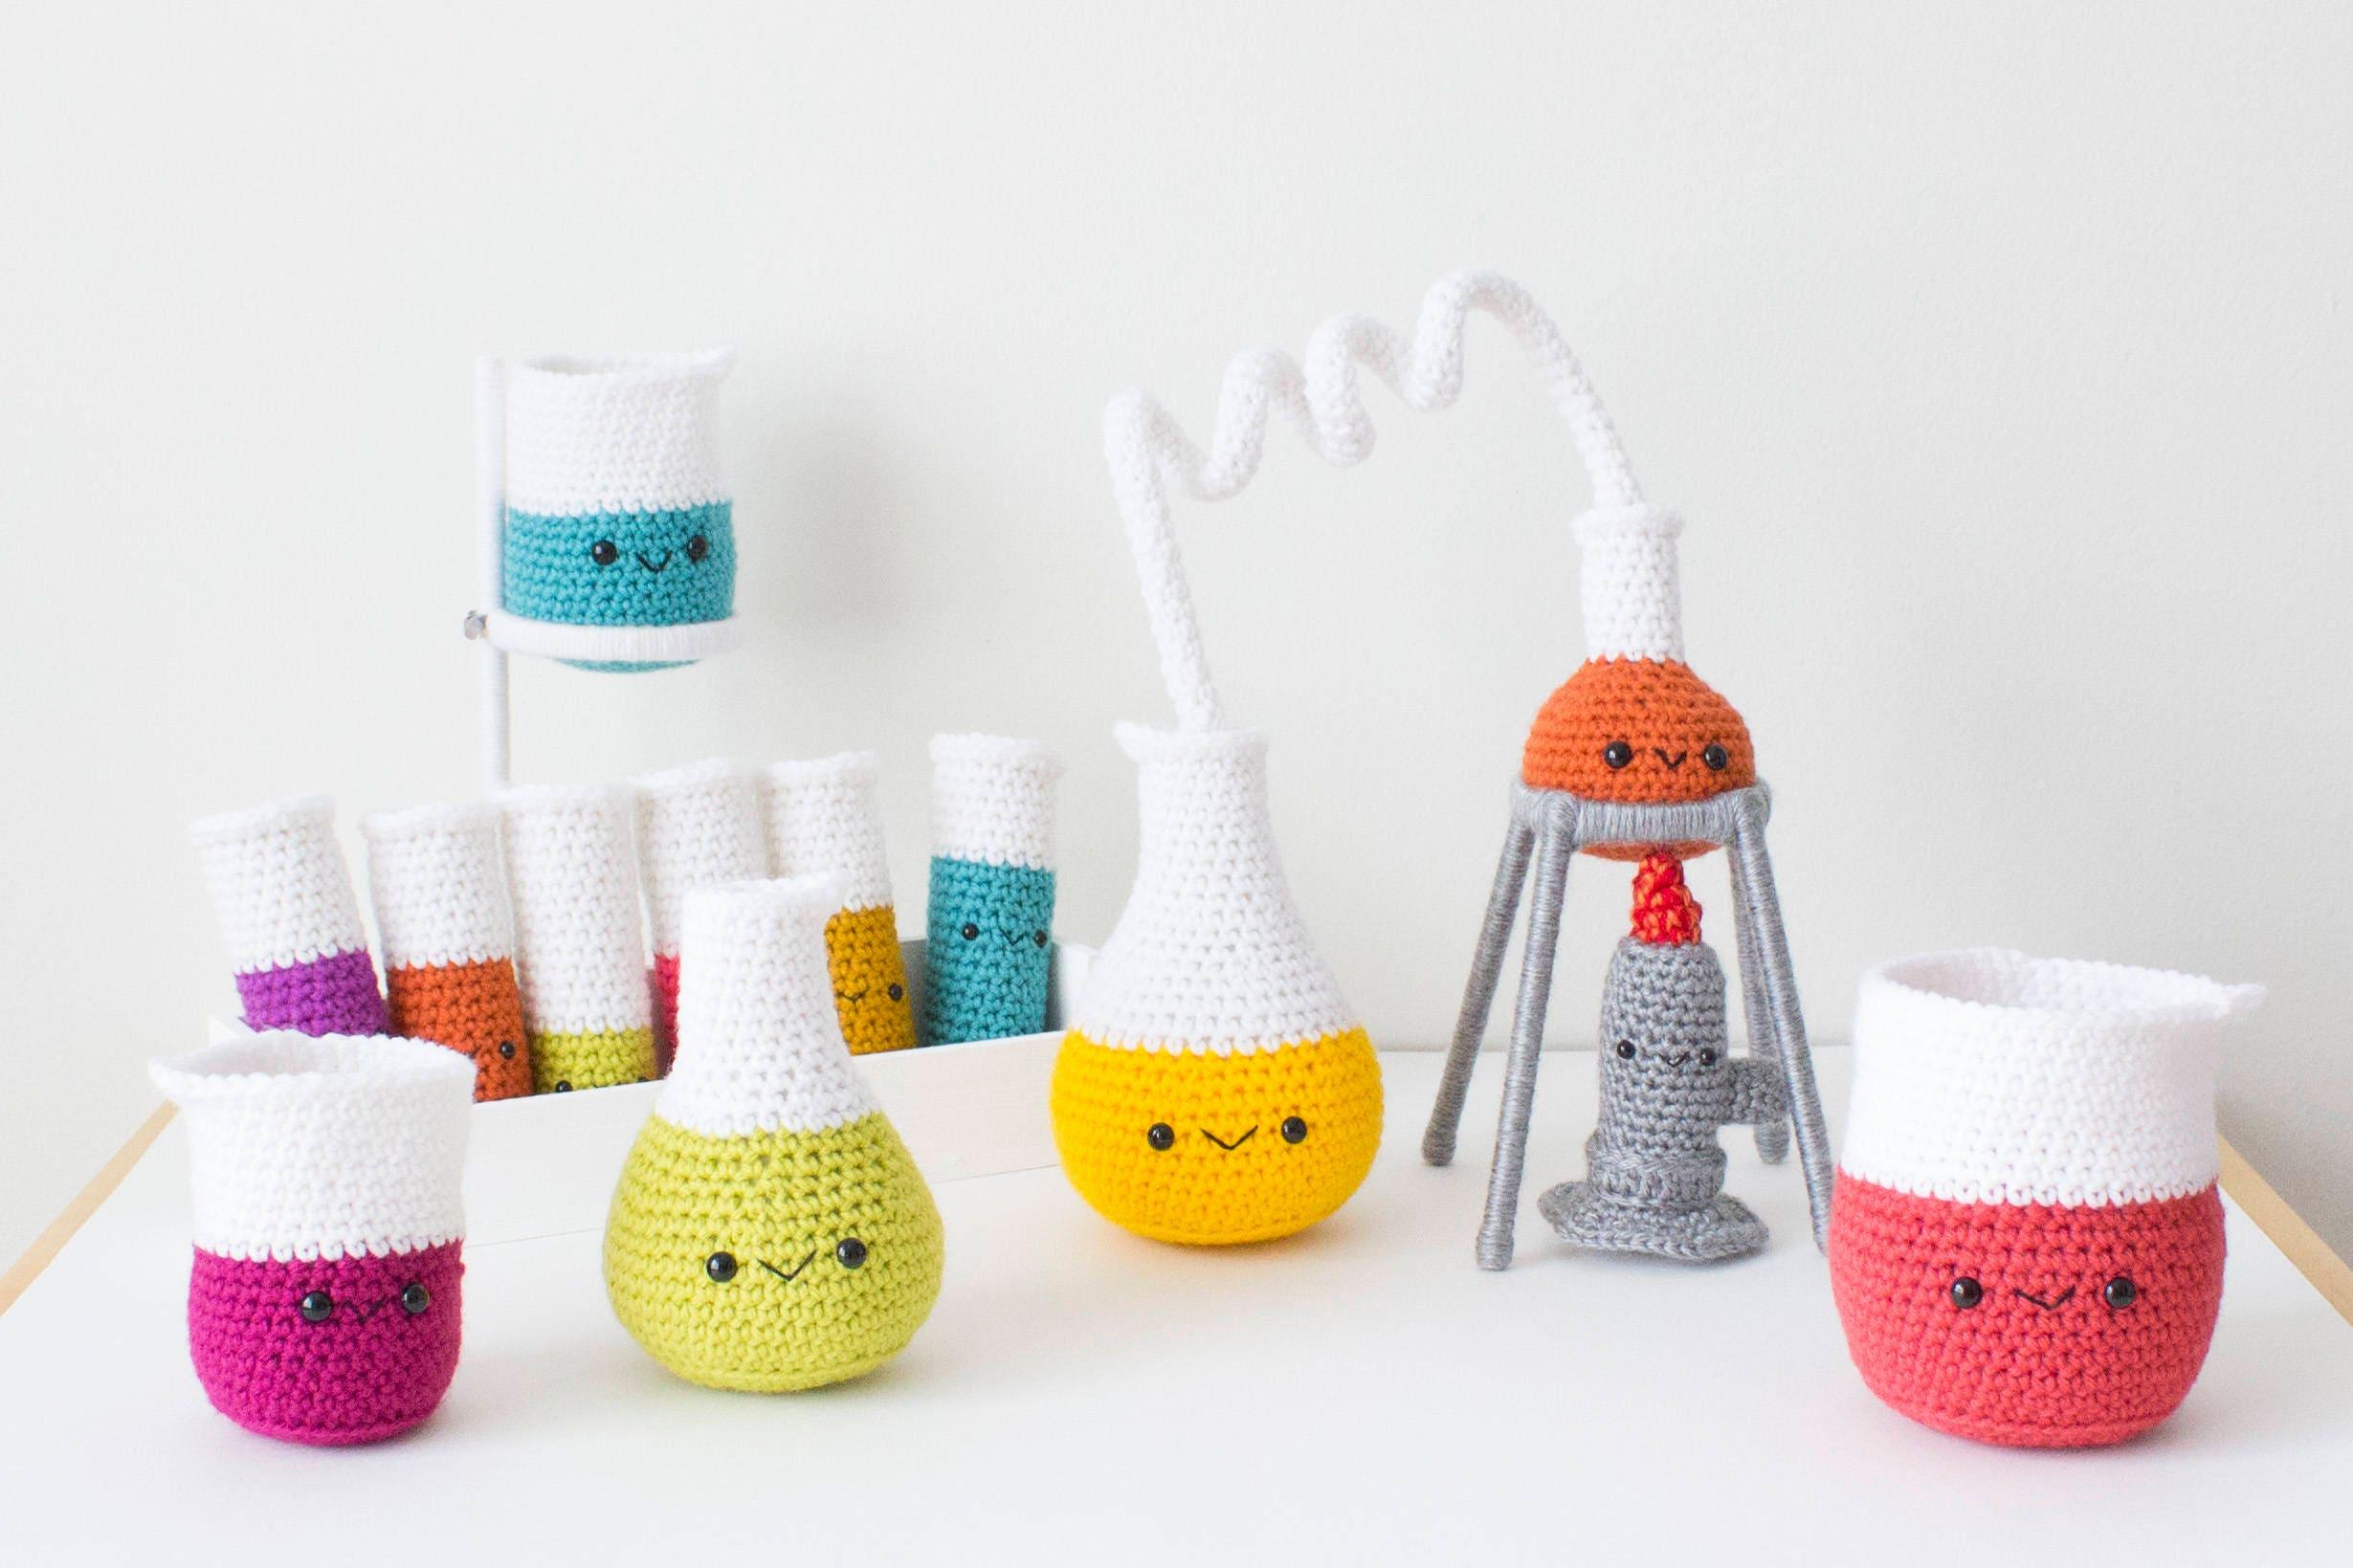 PATTERN ONLY: Crochet Chemistry Set Amigurumi Chemistry Set | Etsy